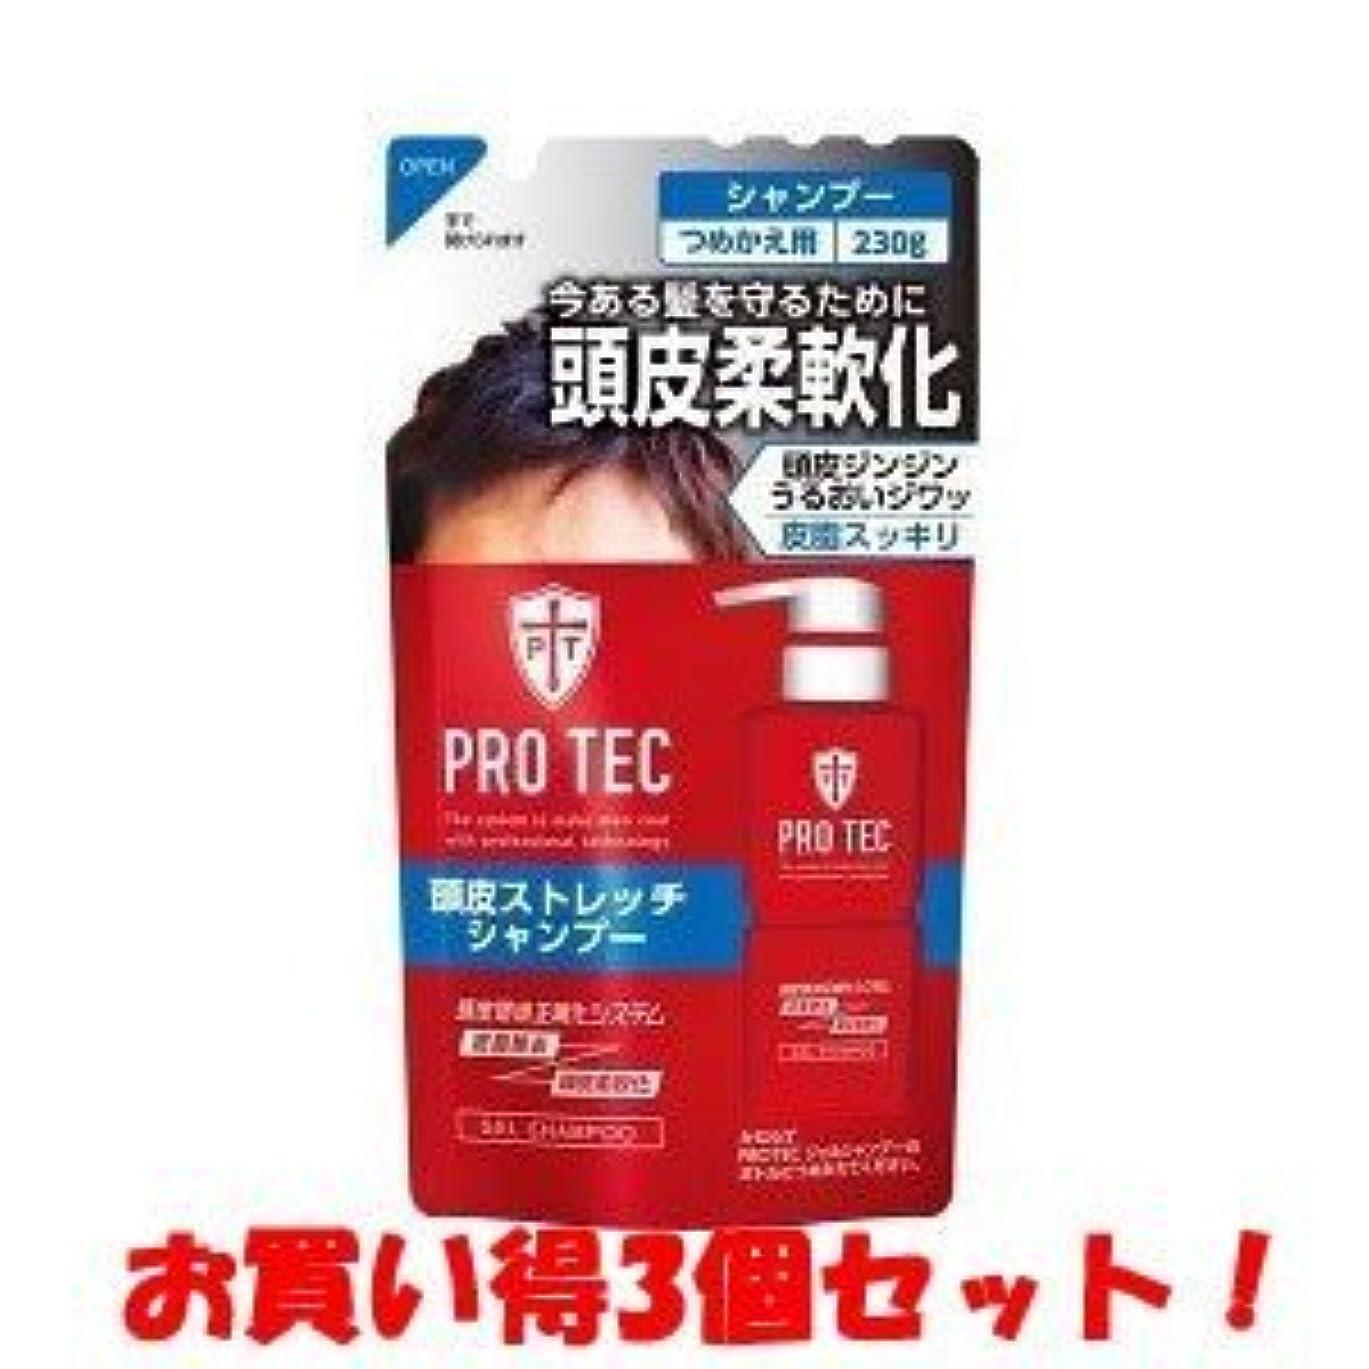 お嬢スペルブリッジ(ライオン)PRO TEC(プロテク) 頭皮ストレッチ シャンプー つめかえ用 230g(医薬部外品)(お買い得3個セット)